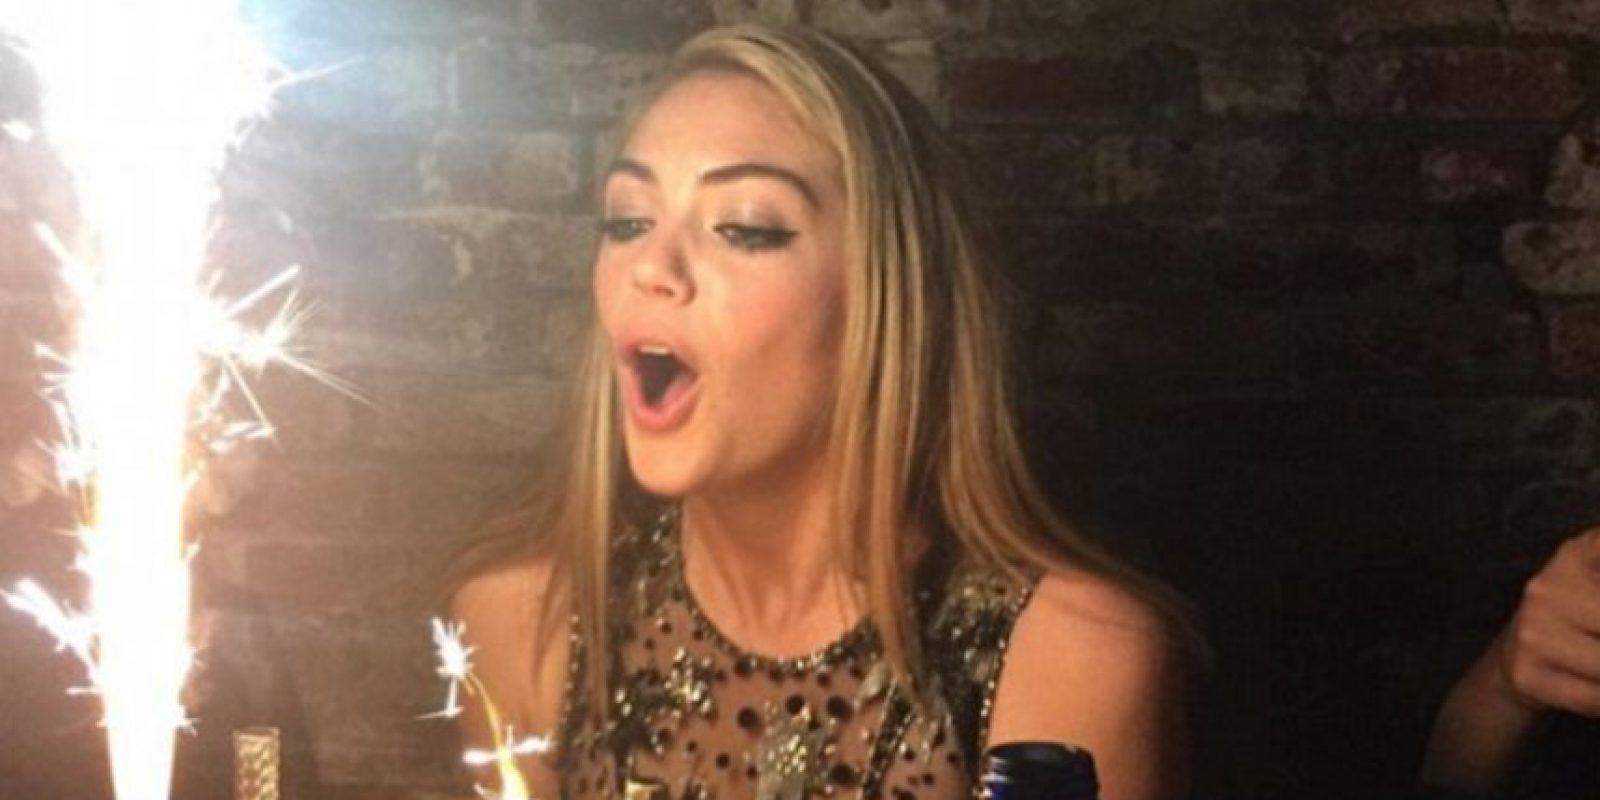 Kate precelebrando su cumpleaños Foto:Instagram